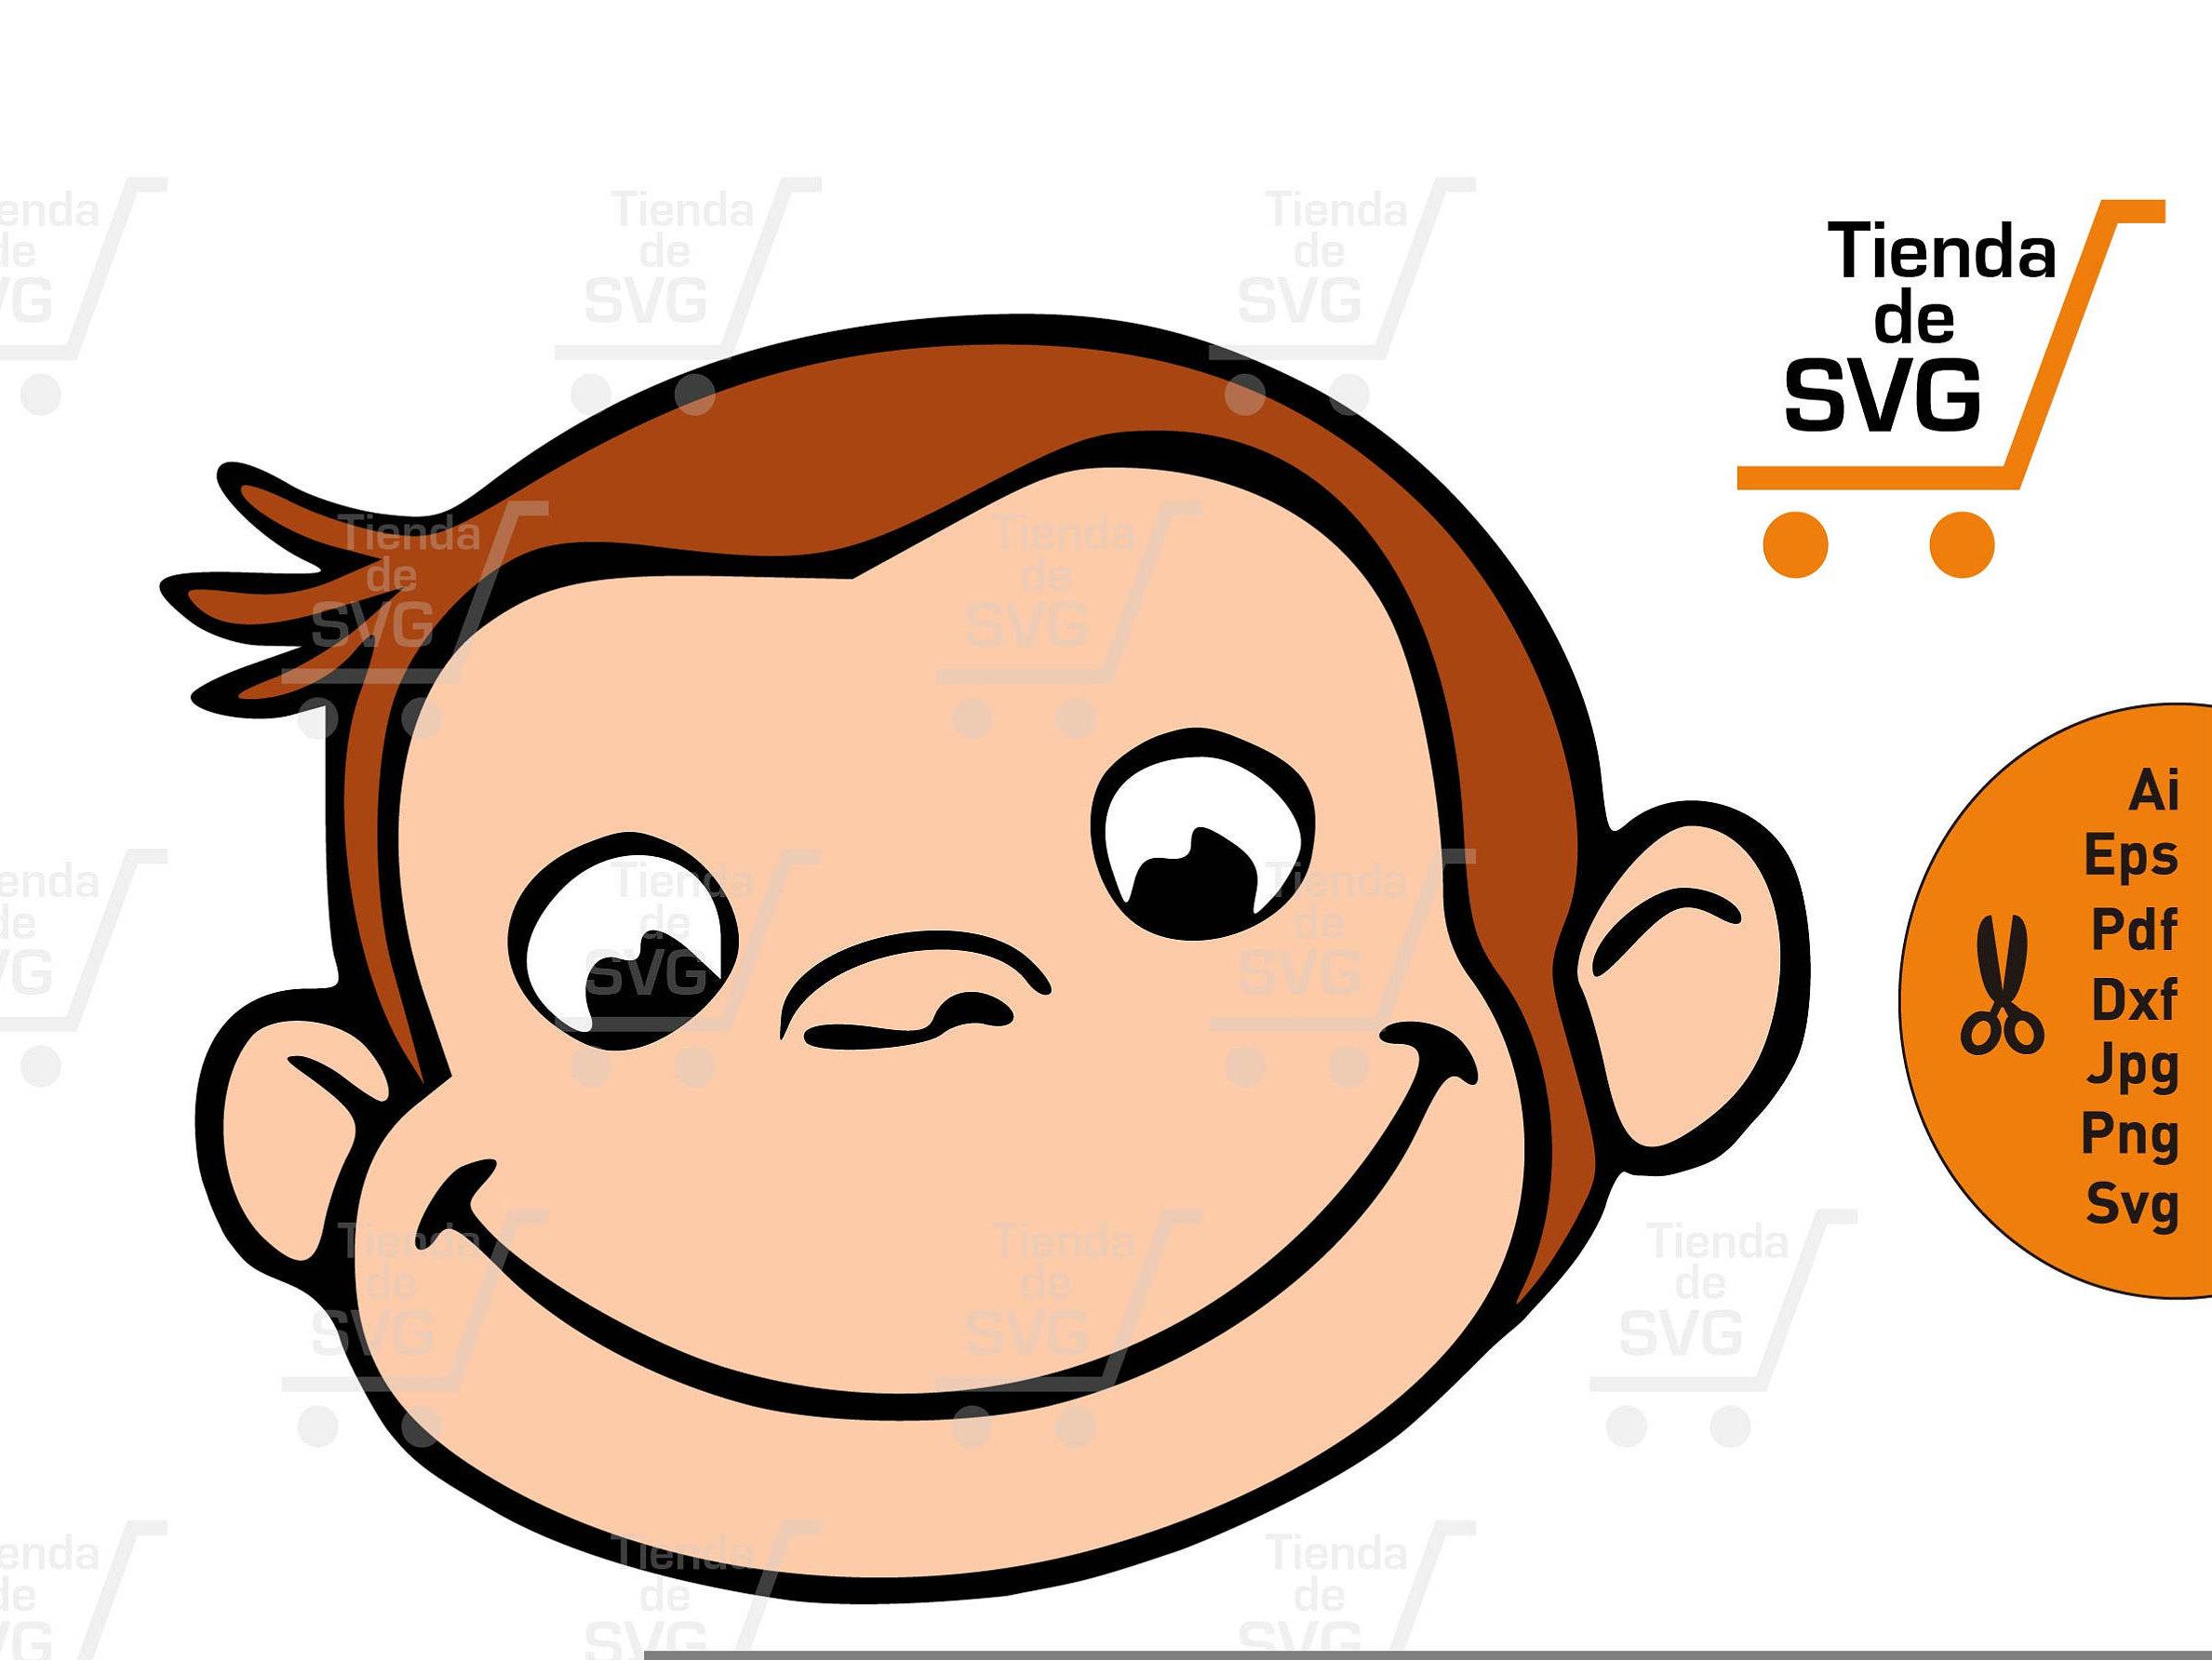 2377x1784 Curious George Svg File, Monkey Faces Svg, Jorge El Curioso Svg